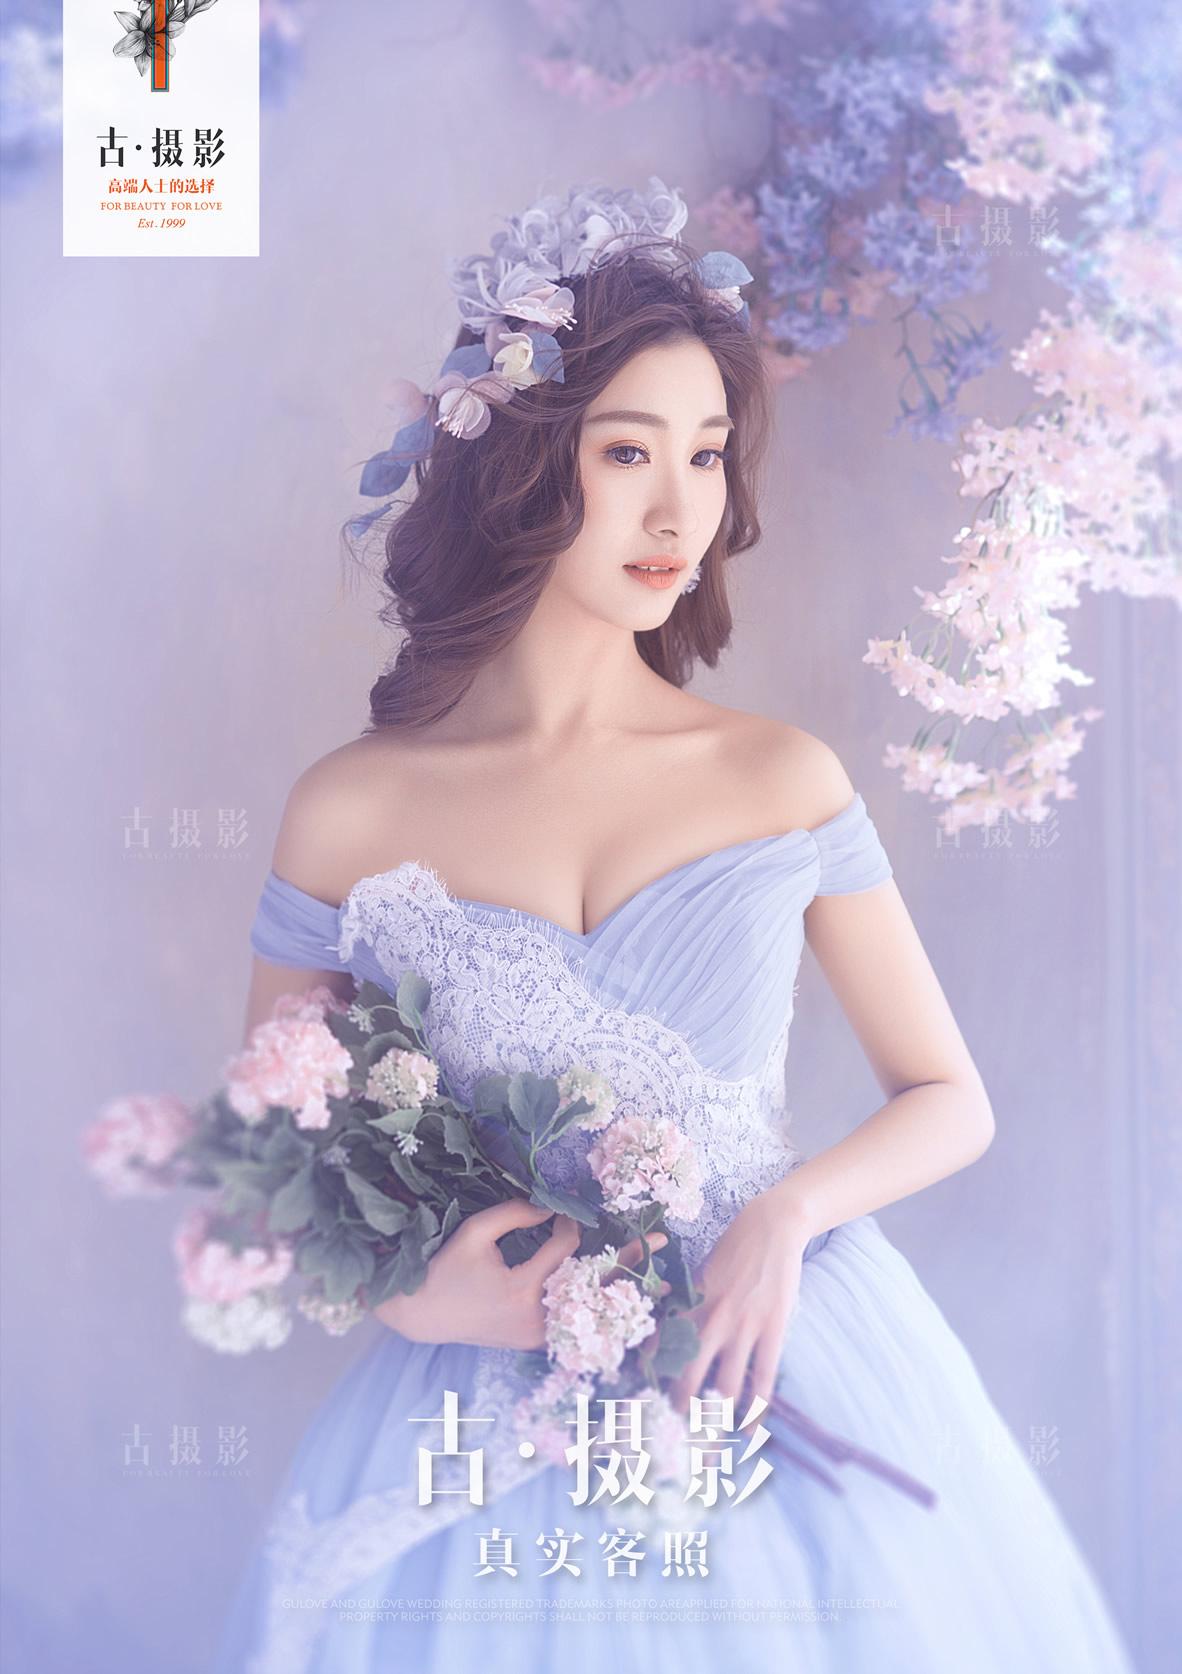 3月22日客片侯先生 张小姐 - 每日客照 - 古摄影婚纱艺术-古摄影成都婚纱摄影艺术摄影网